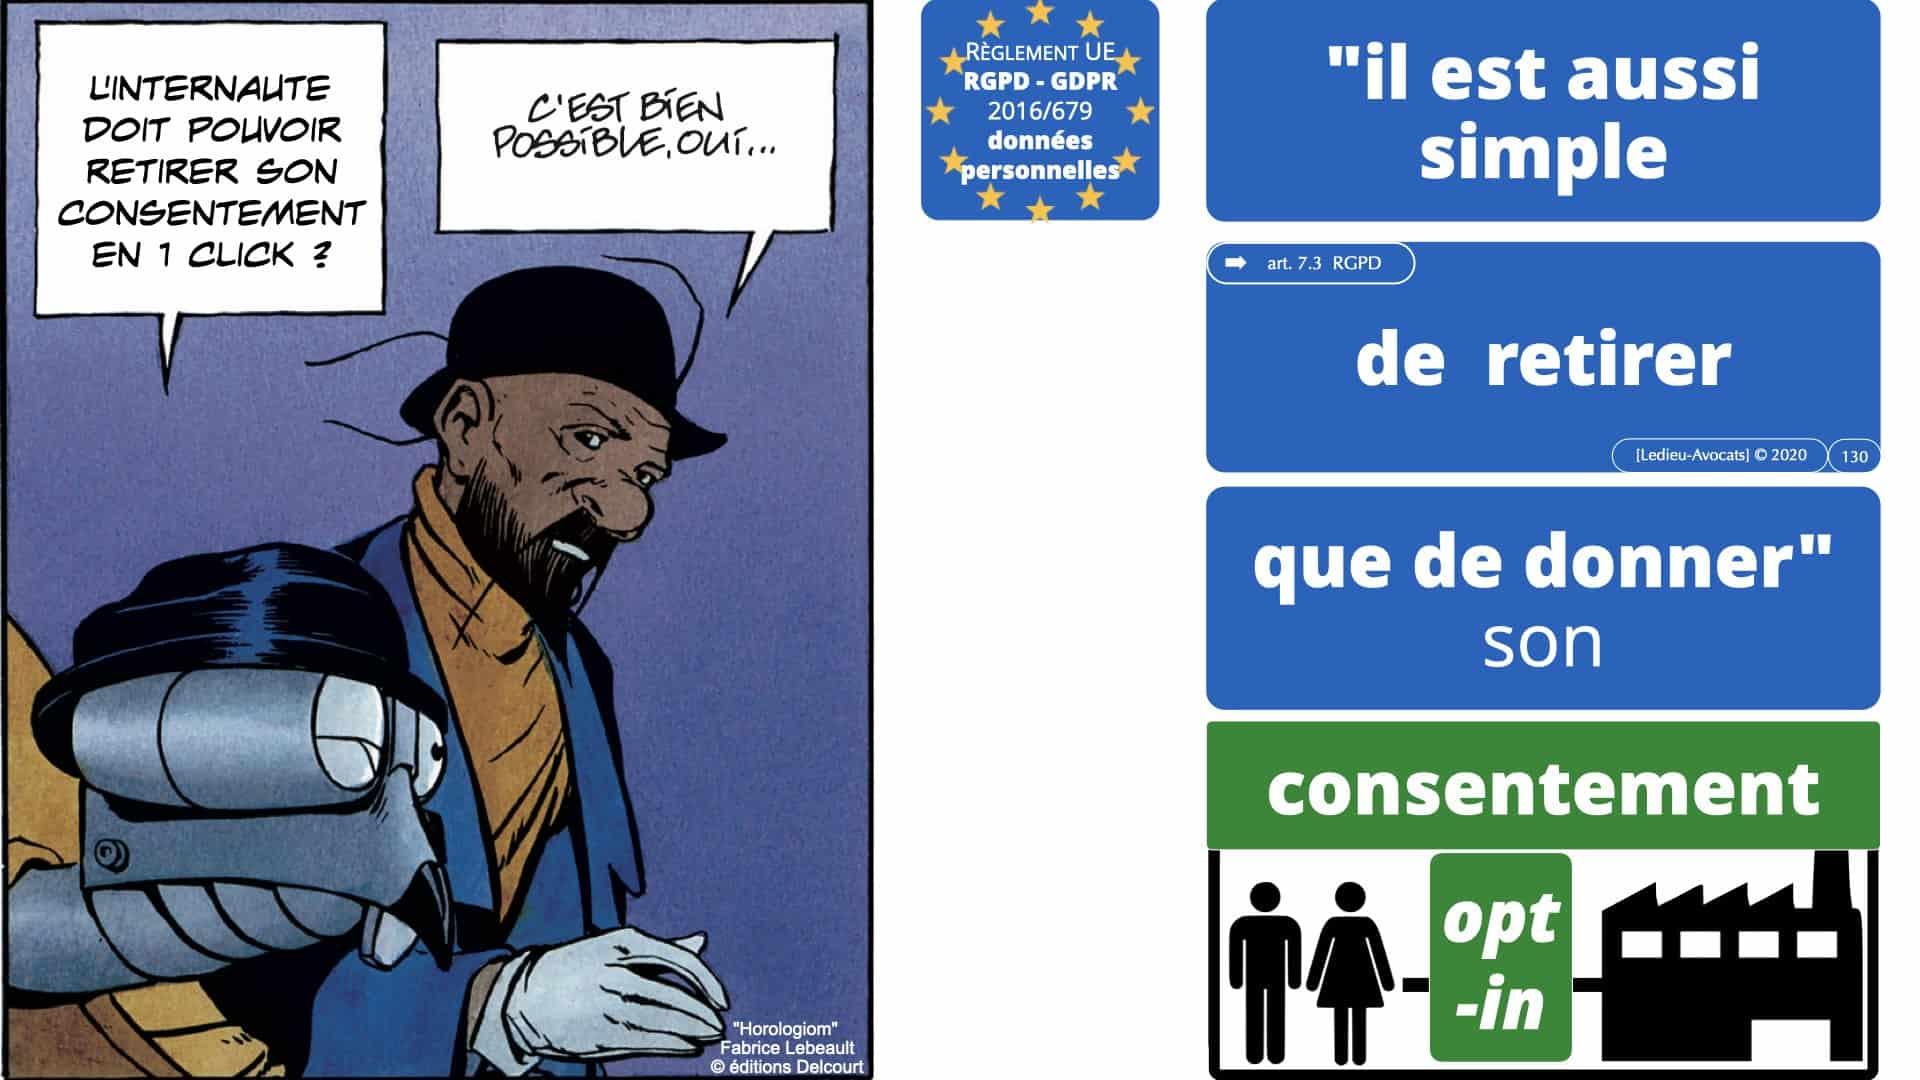 RGPD e-Privacy données personnelles jurisprudence formation Lamy Les Echos 10-02-2021 ©Ledieu-Avocats.130